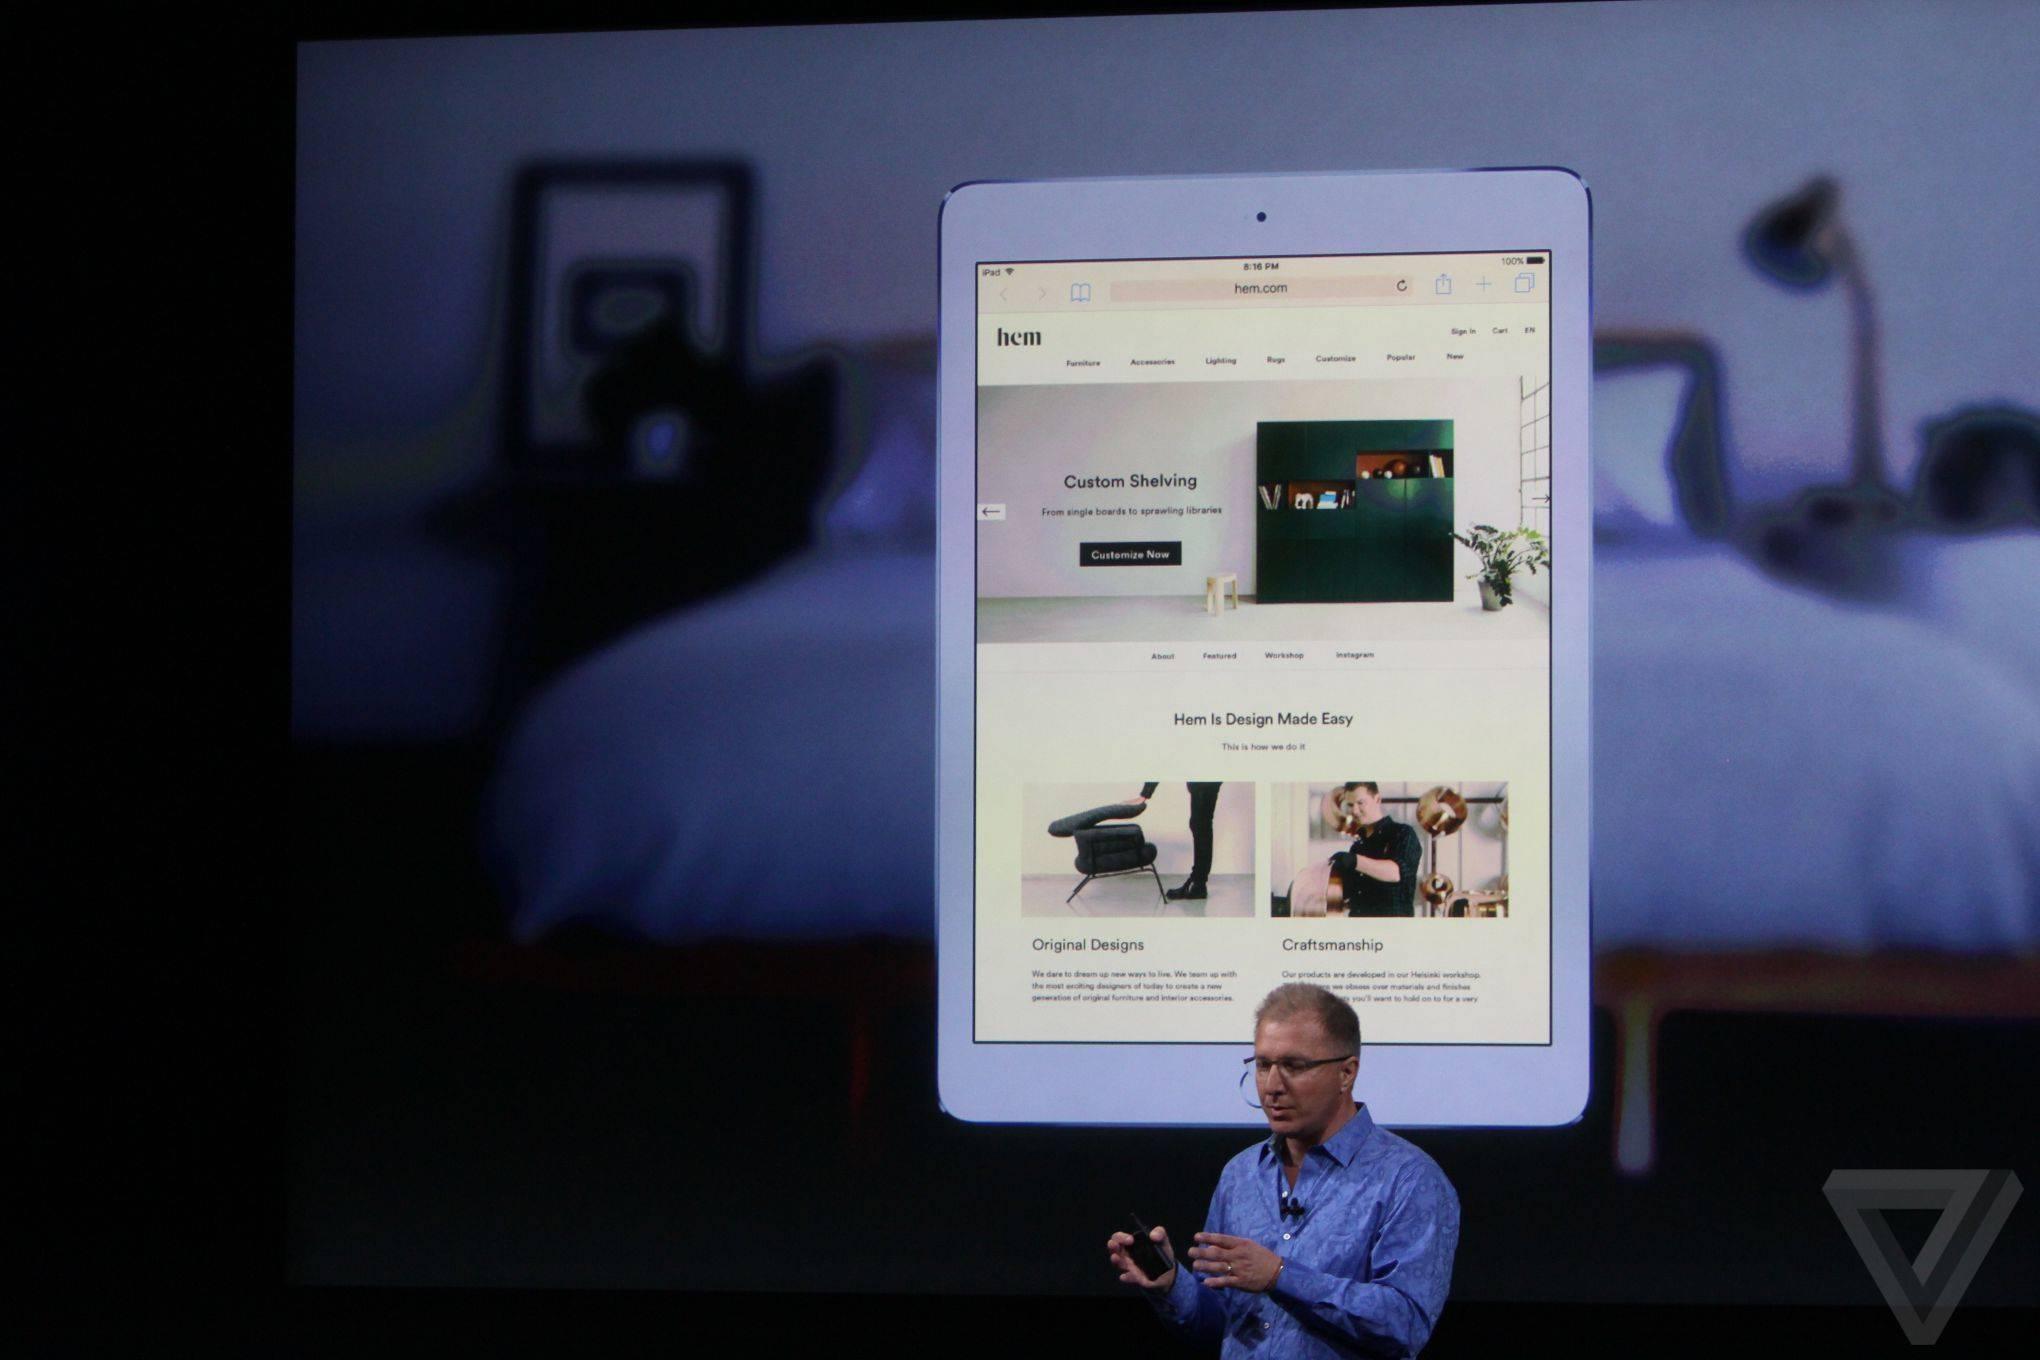 apple-iphone-se-ipad-pro-event-verge-362-2.jpg